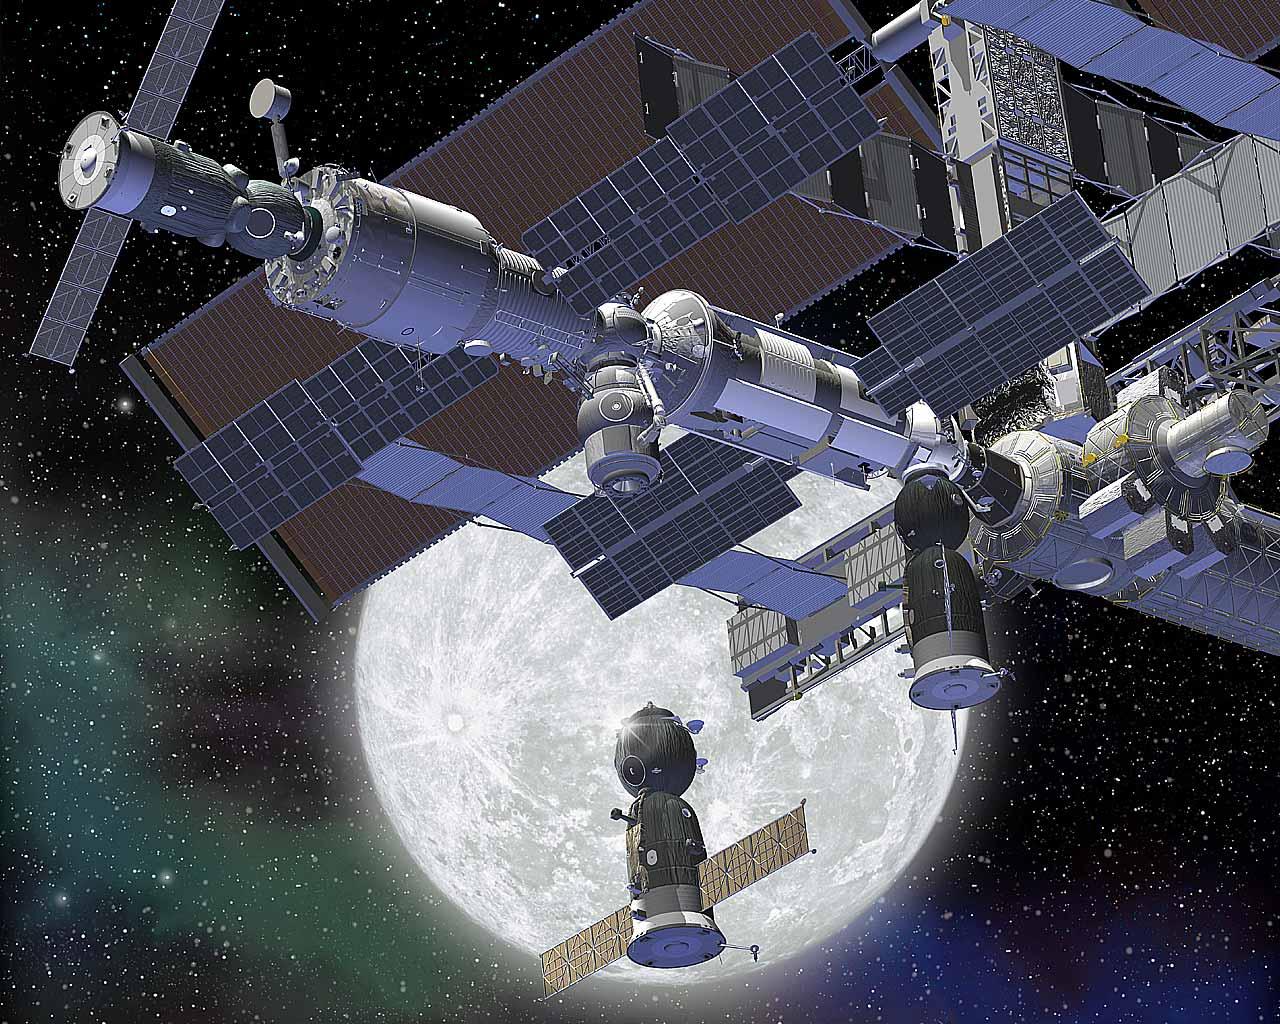 Los  gigantescos éxitos de la Unión Soviética - Página 2 Soyuz-iss-moon-docking-wallpaper